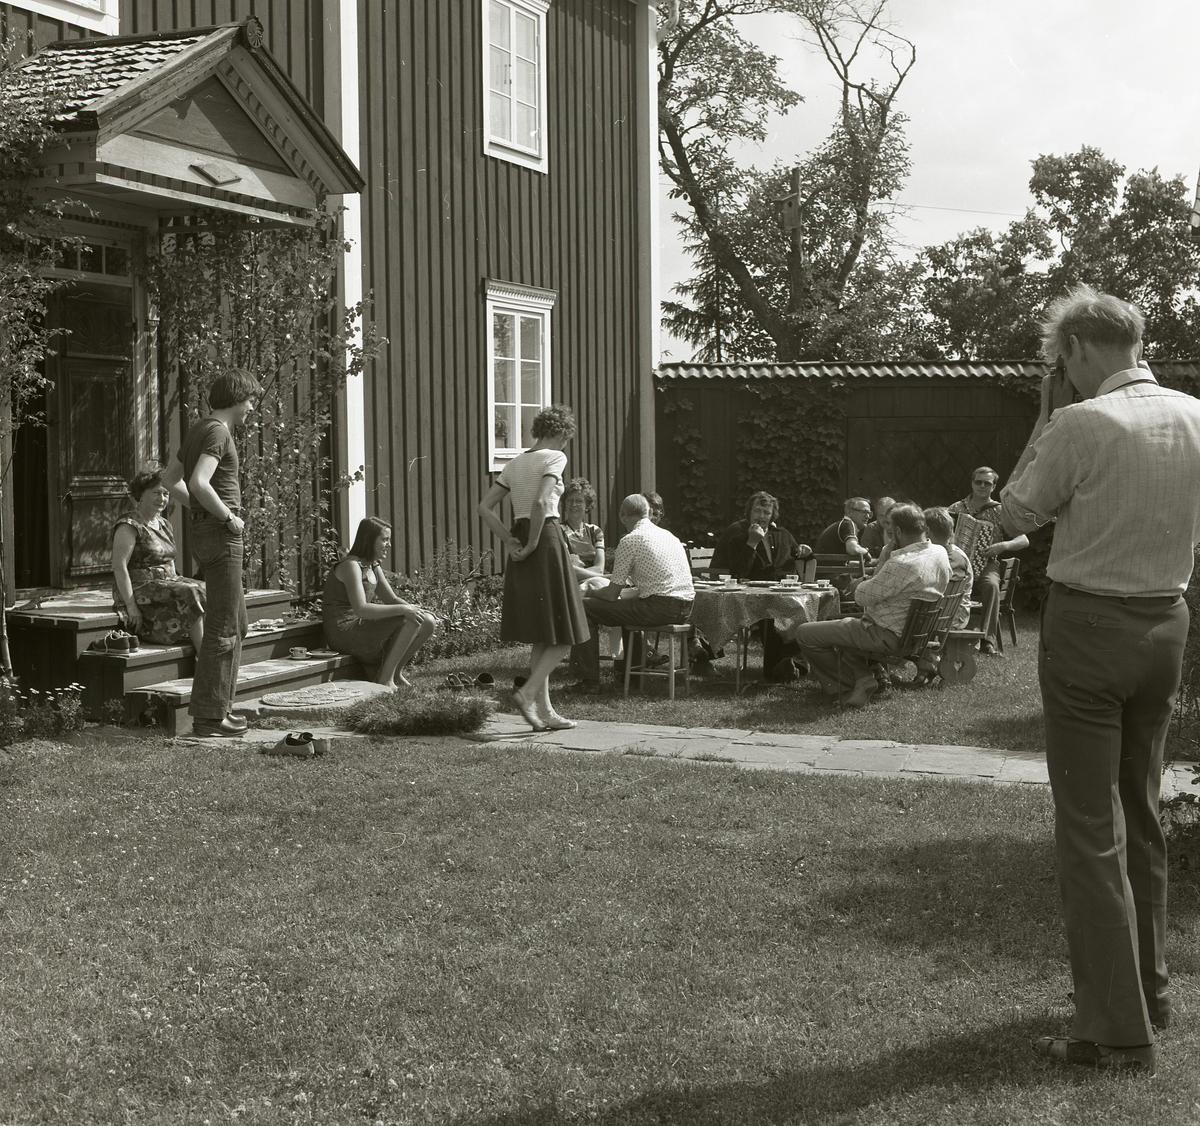 I trädgårdsmöblerna på gården Sunnanåker är ett sällskap bänkade för en kaffetår midsommarafton 1978. Intill husväggen har gruppen funnit en solig plats för avkoppling och underhållning då en av männen spelar dragspel.